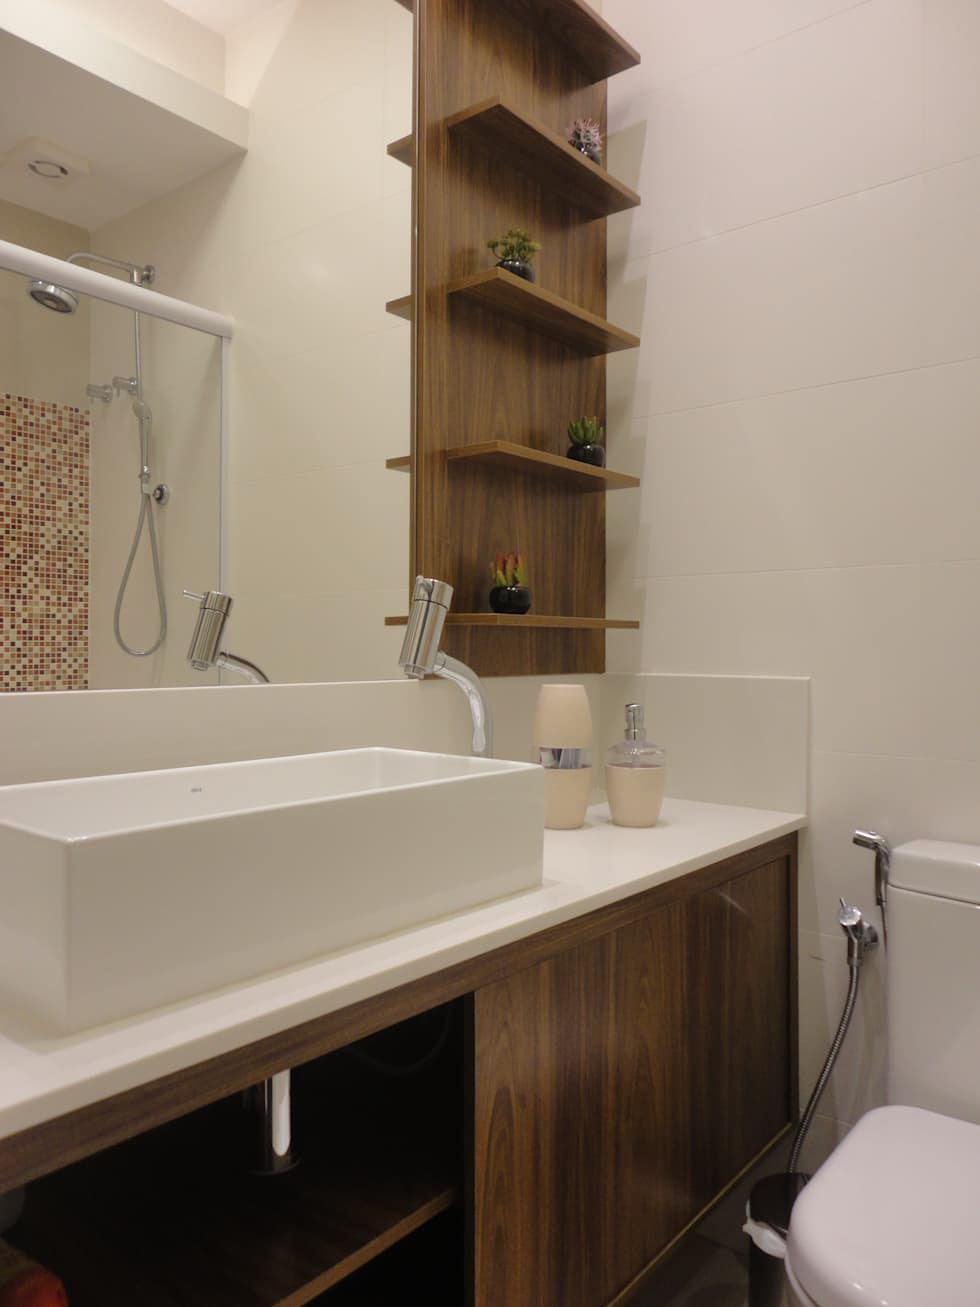 Baños de estilo moderno por Maria Helena Torres Arquitetura e Design